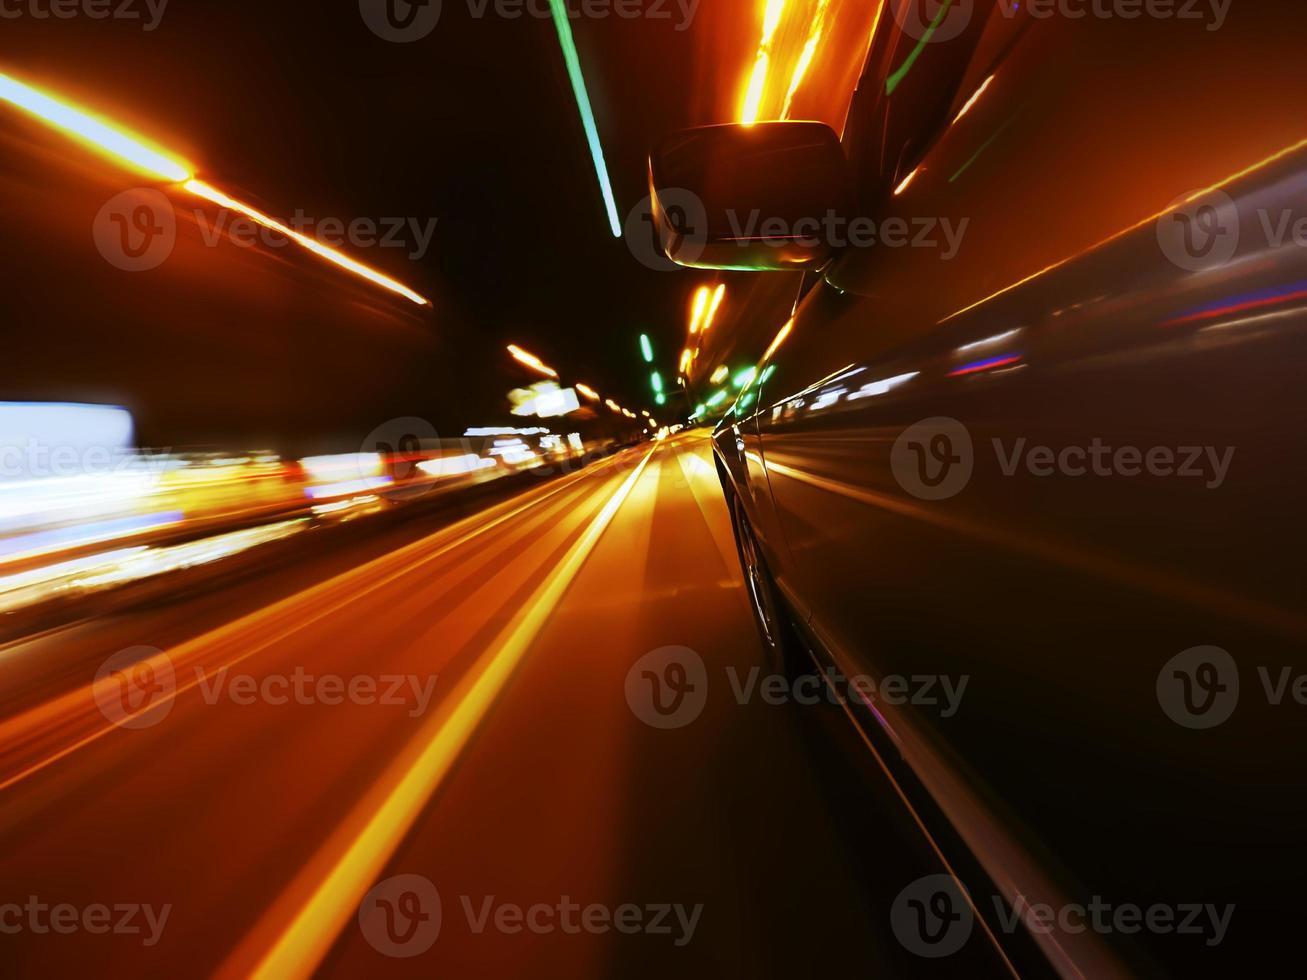 nacht rijden door de stad foto